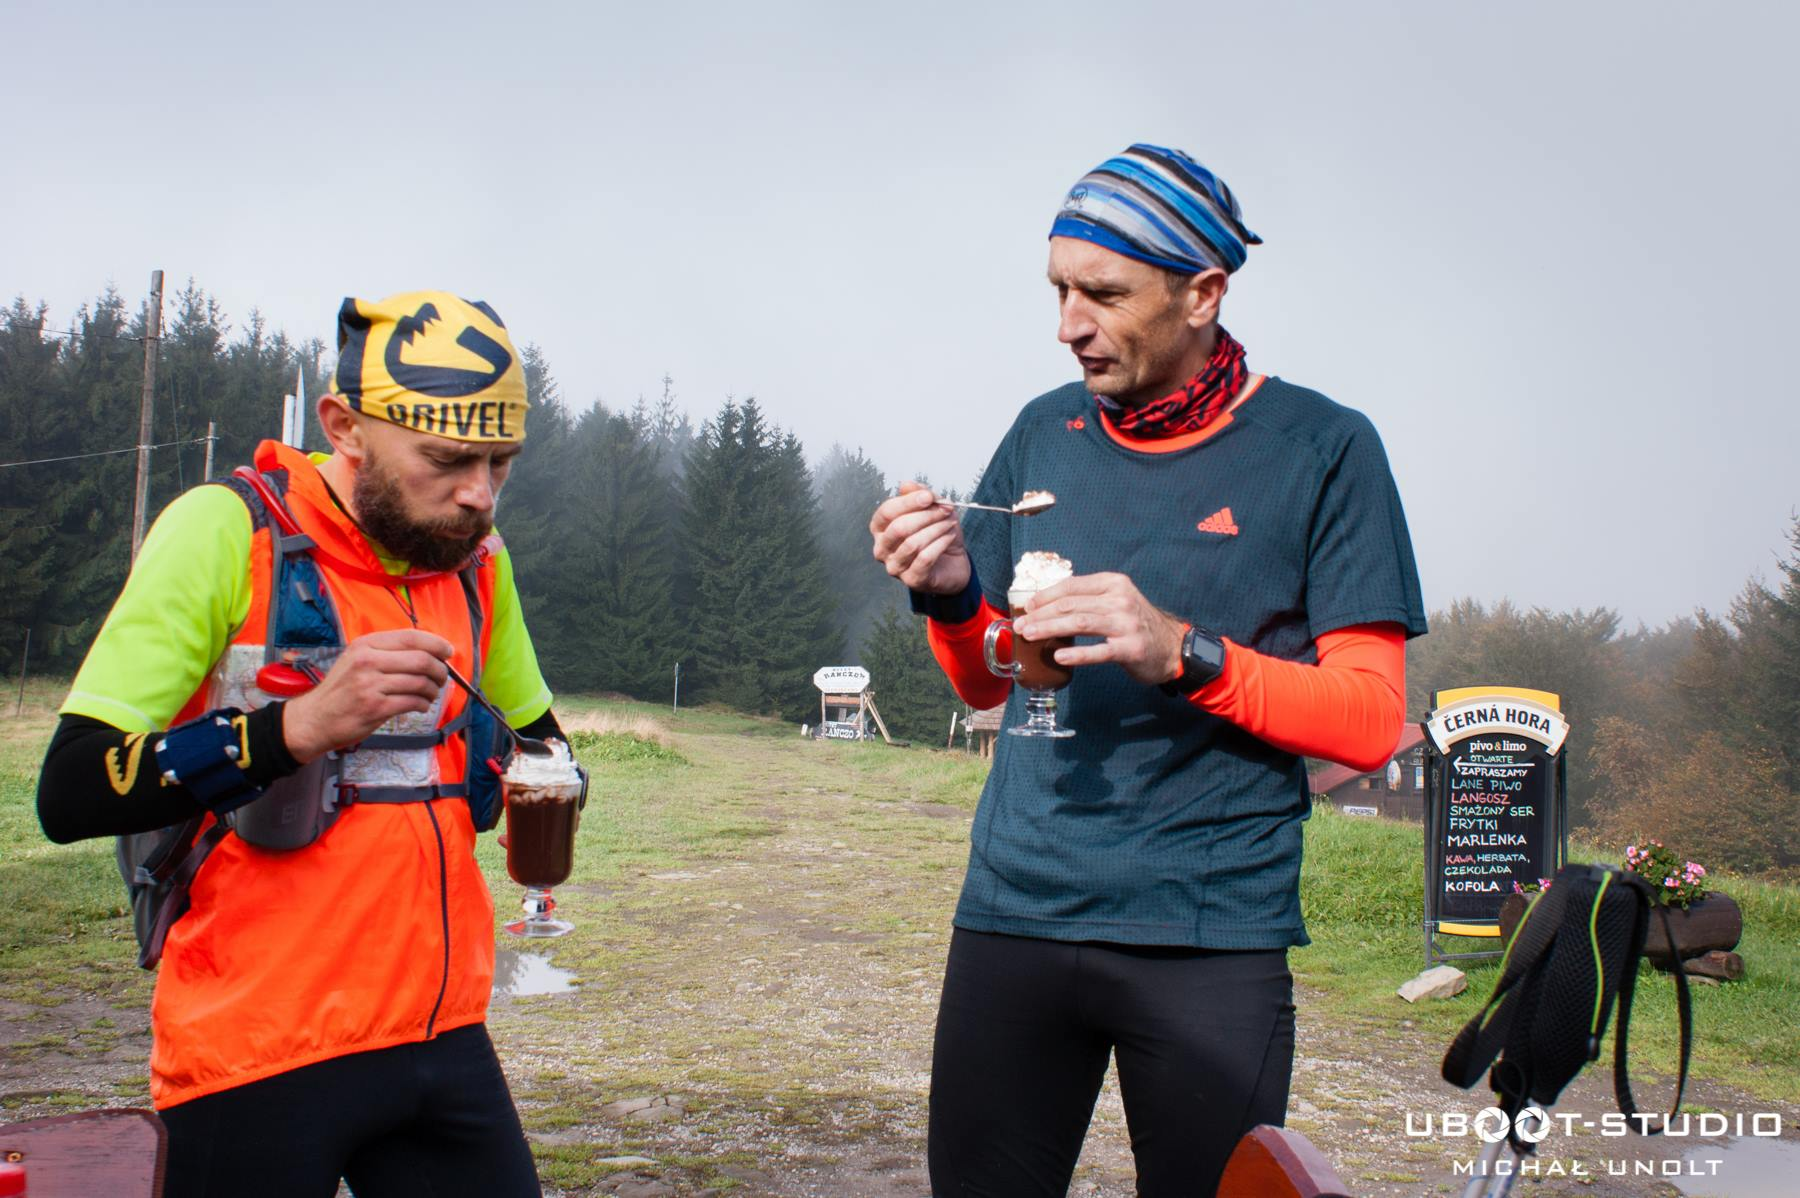 Beskidy Ultra Trail 2014 Balint Orsi Fot. Michał Unolt 01